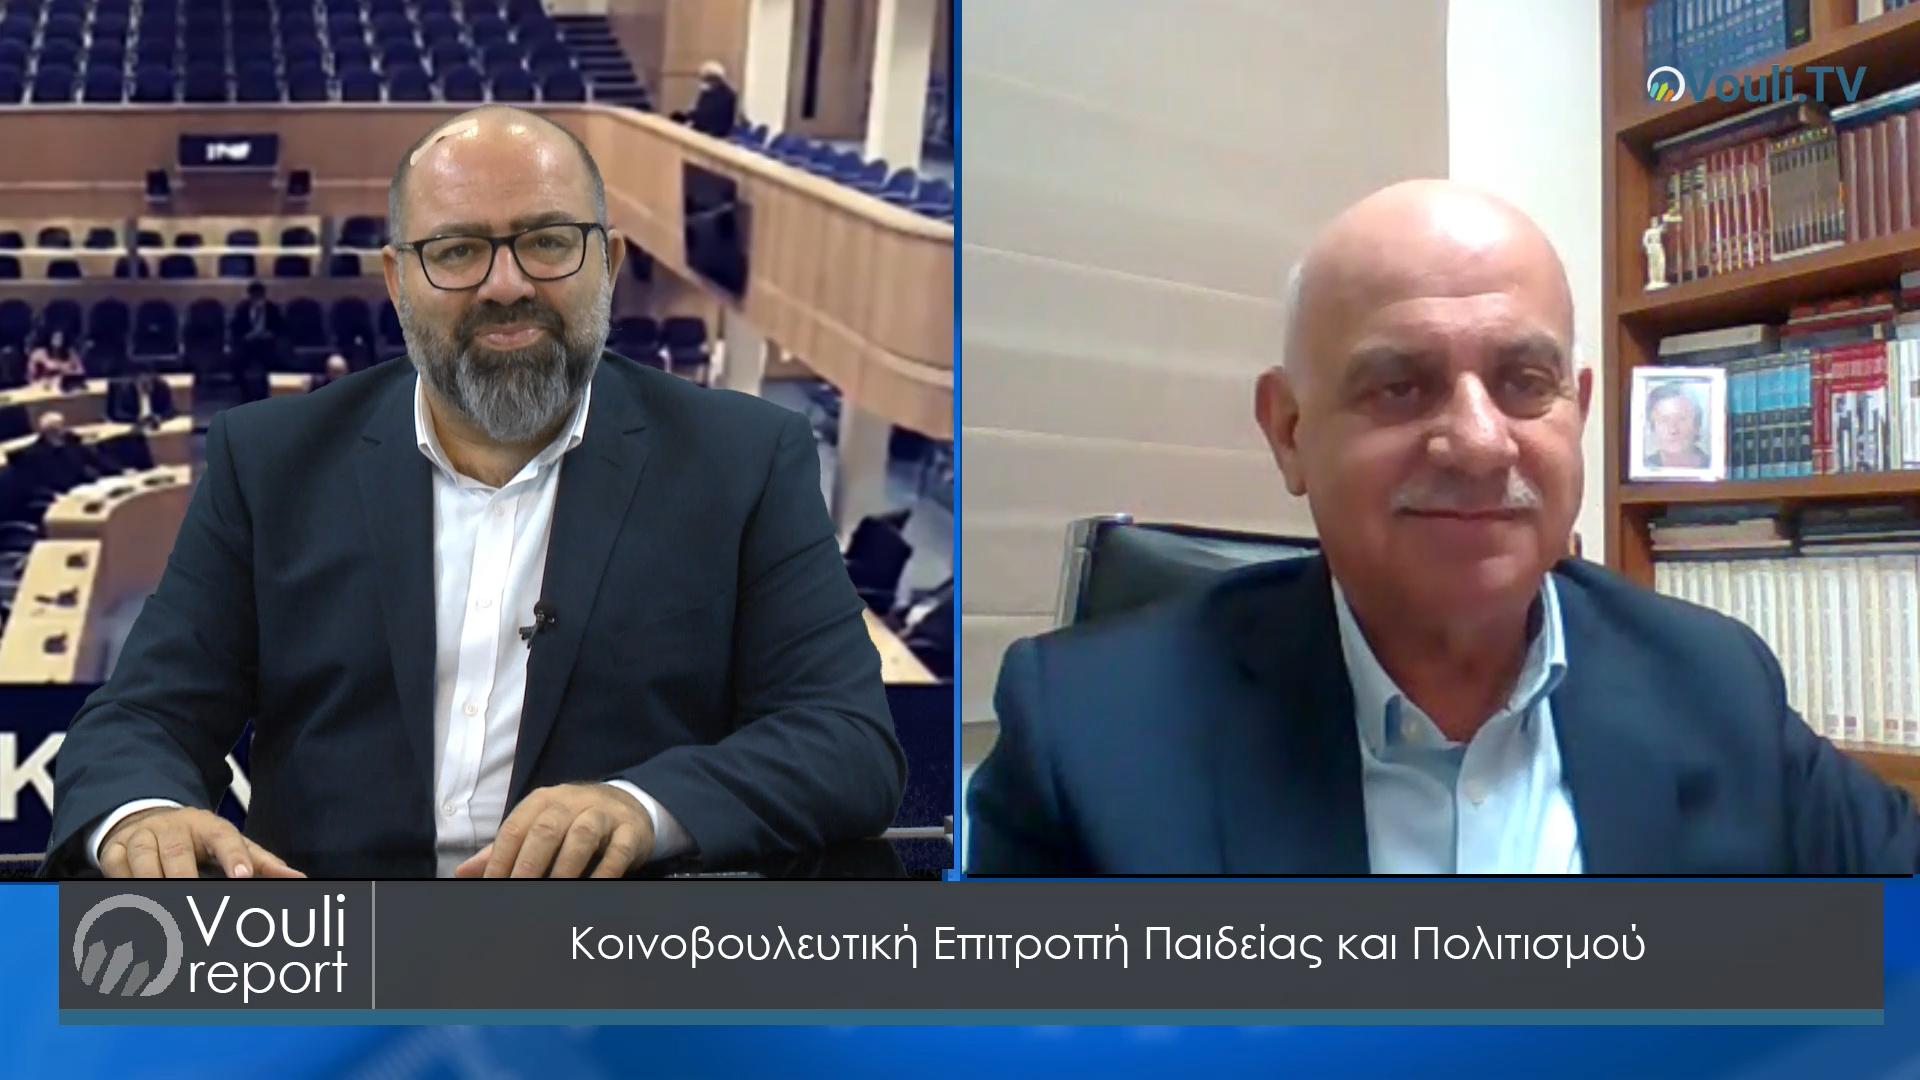 Vouli report - 02/12/2020   Κοινοβουλευτική Επιτροπή Παιδείας και Πολιτισμού